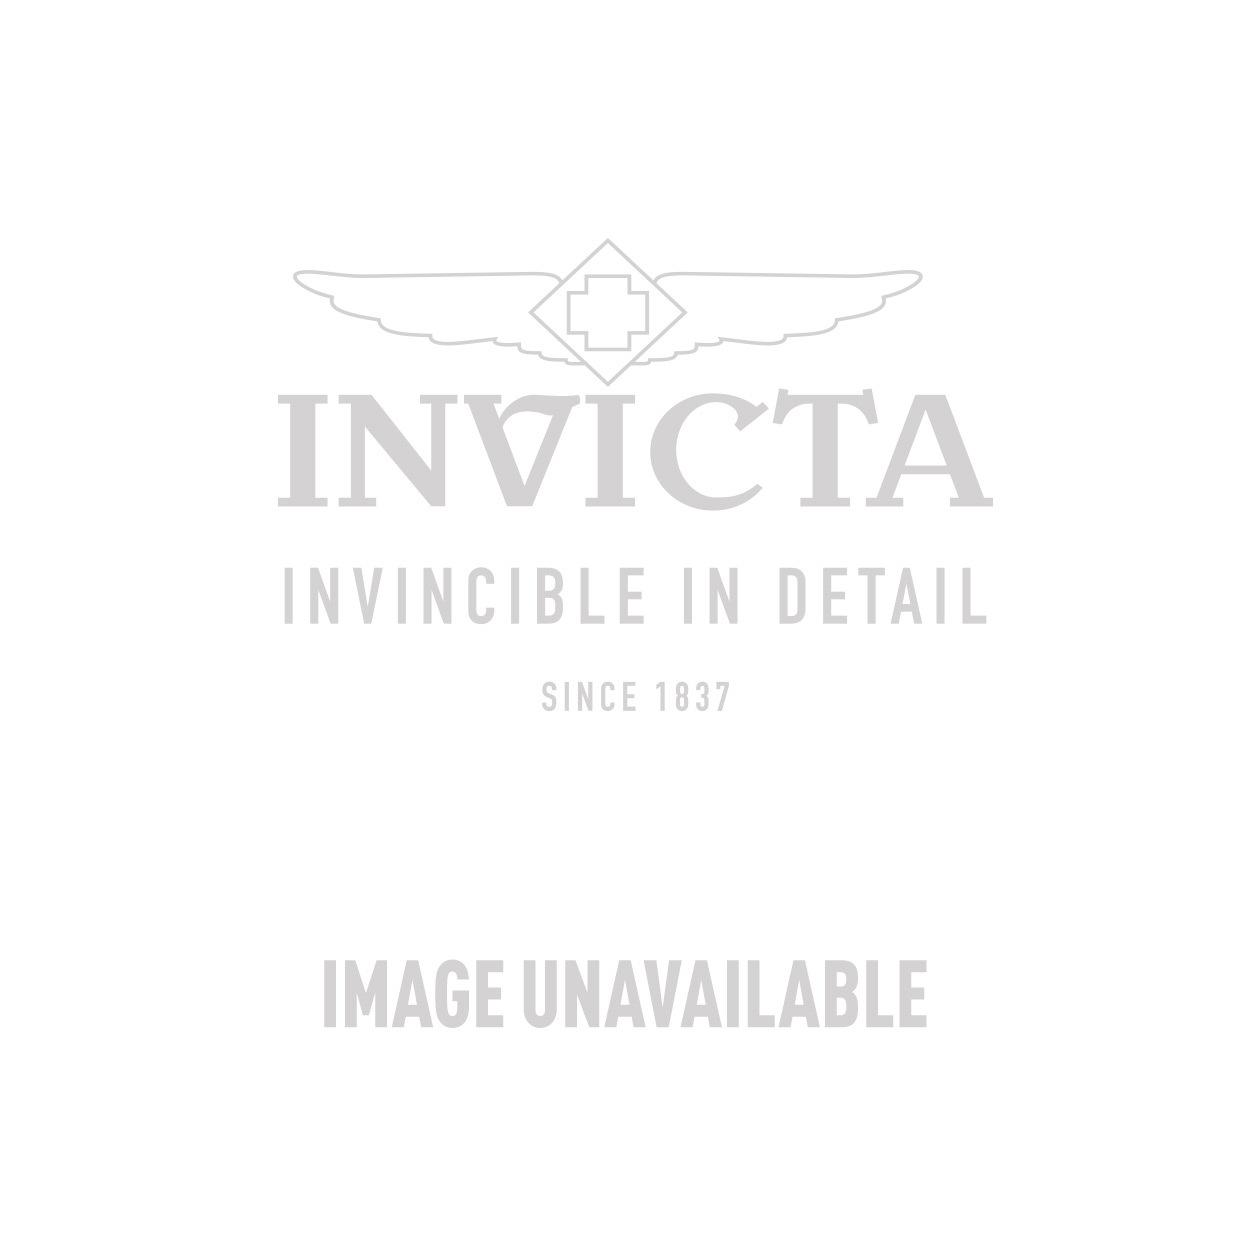 Invicta Model 29761